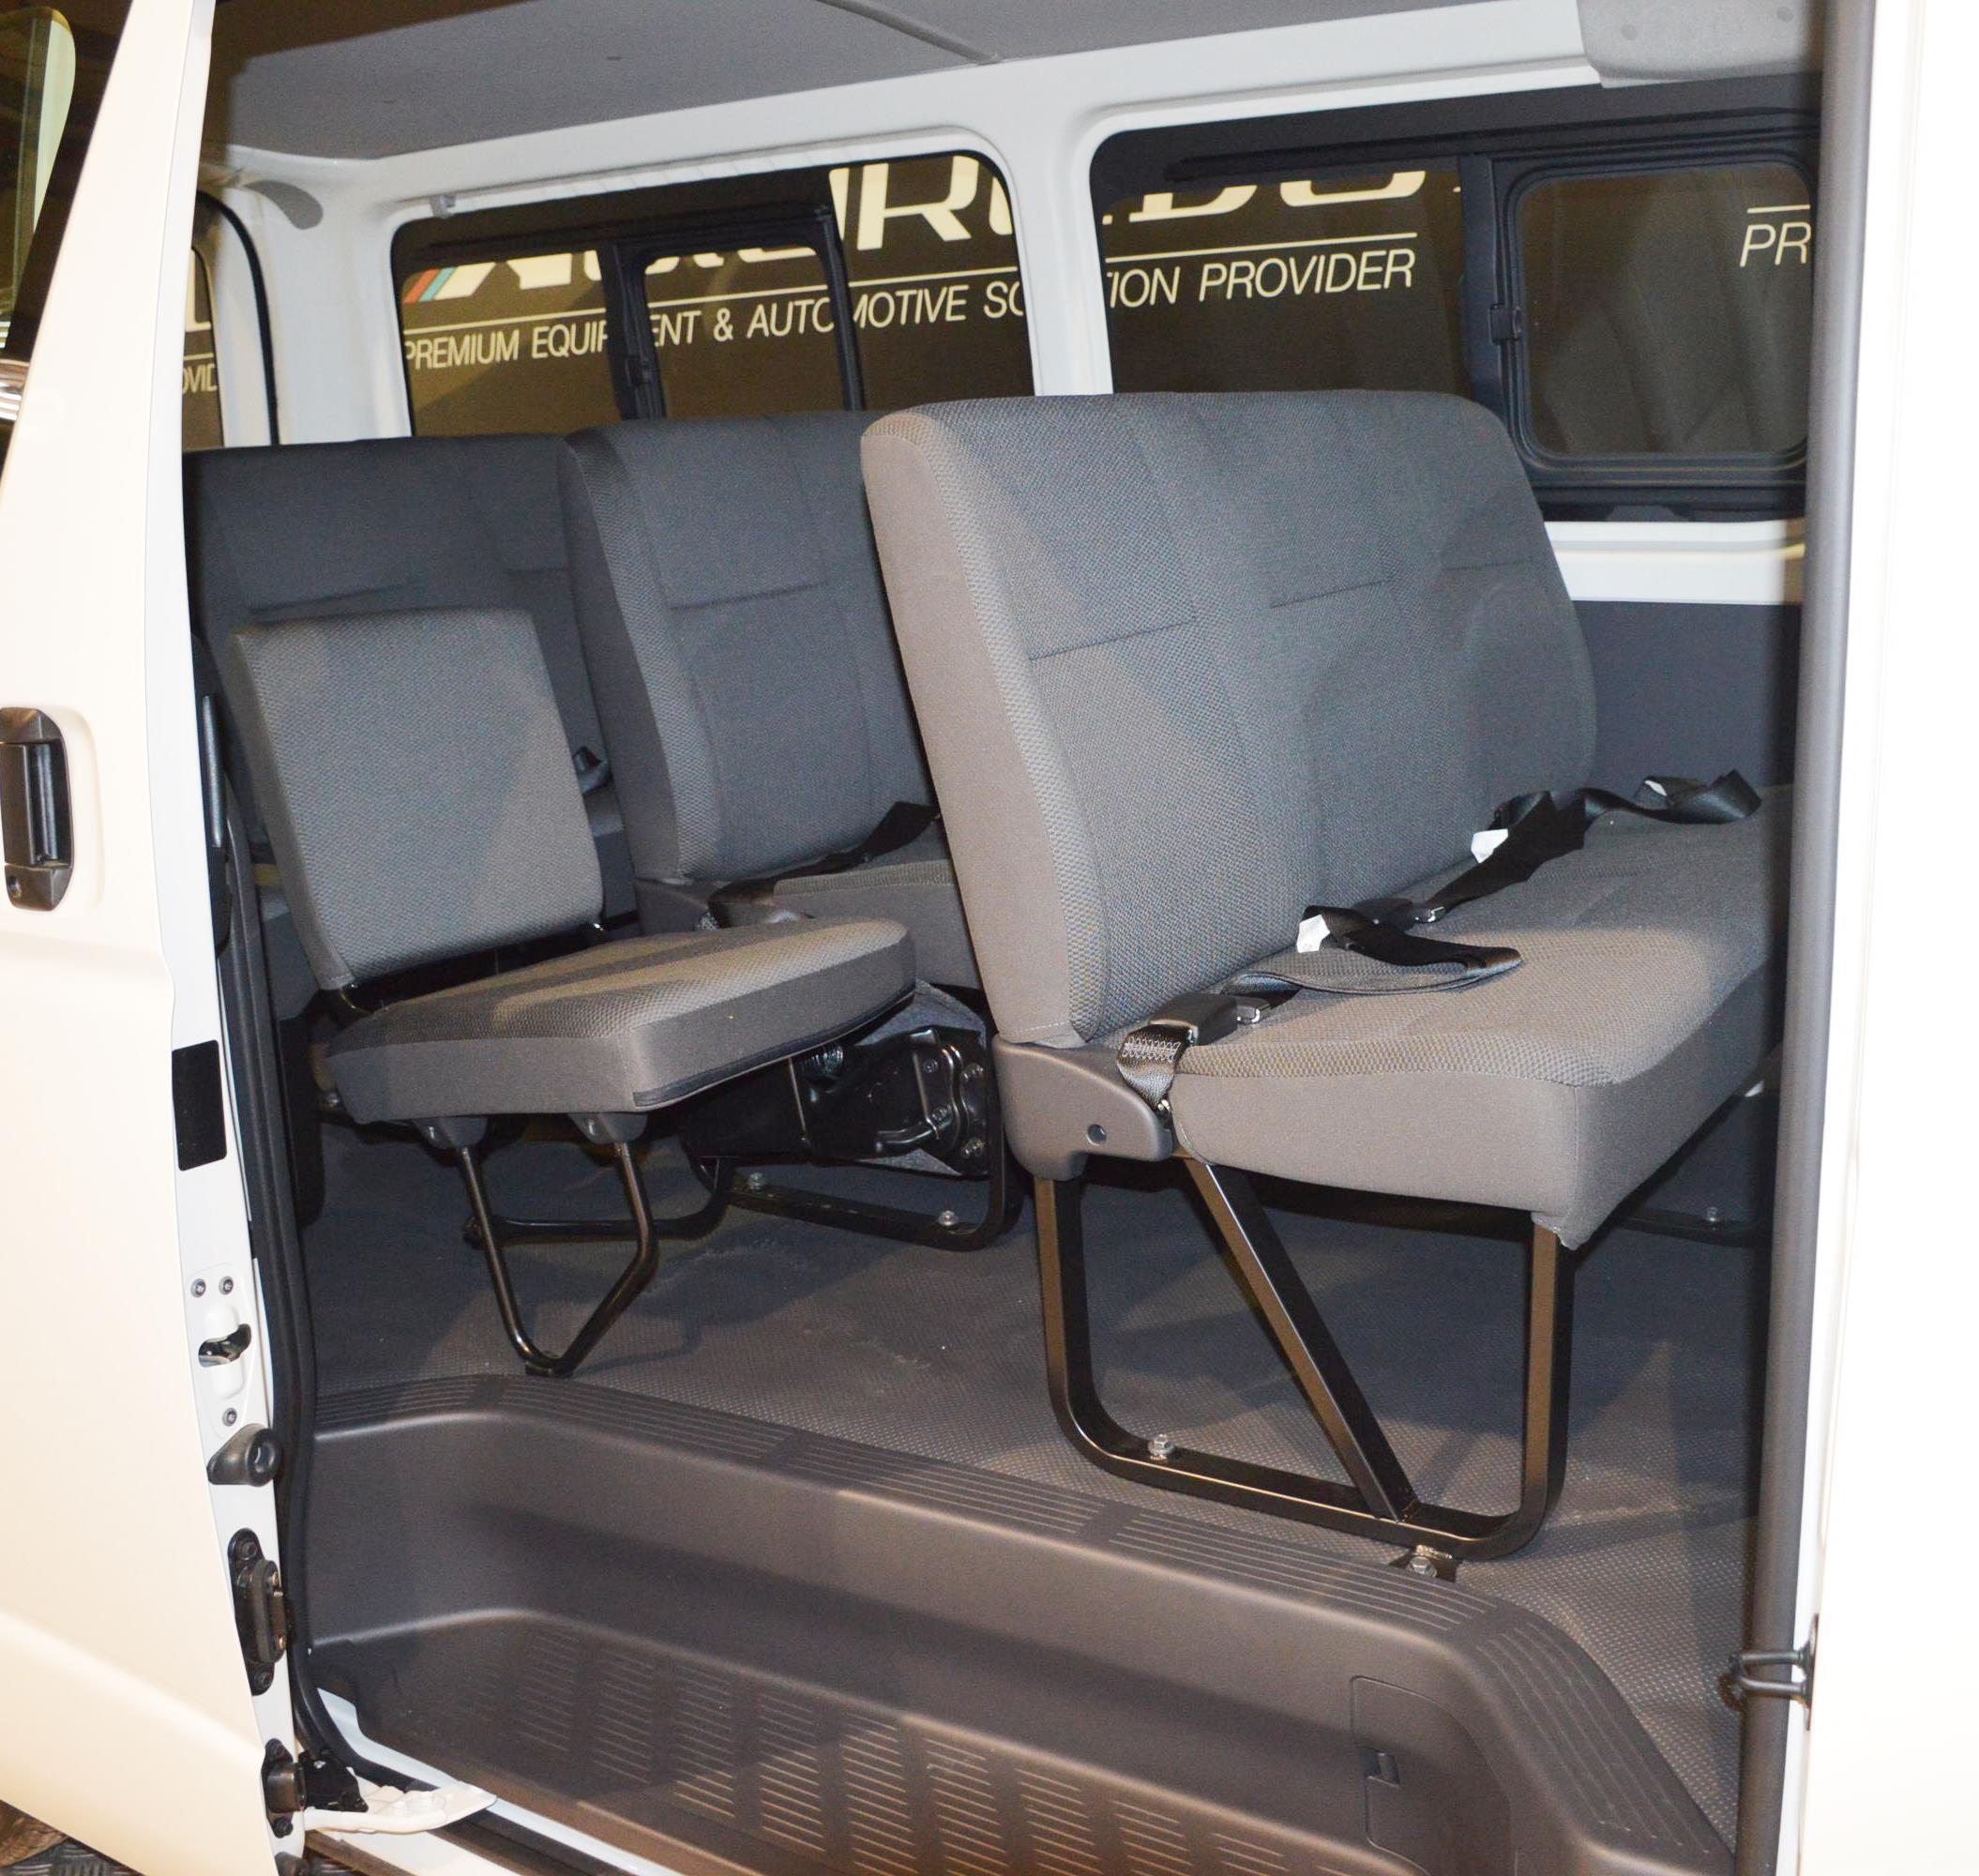 <a href='https://www.autoredo.com/en/segment/listings/popular/' title='Export Popular'>Popular</a>, <a href='https://www.autoredo.com/en/segment/listings/' title='Export Listings'>Listings</a>, <a href='https://www.autoredo.com/en/segment/vehicles/bus-minibus/' title='Export Bus & Minibus'>Bus & Minibus</a> TOYOTA HIACE STANDARD ROOF